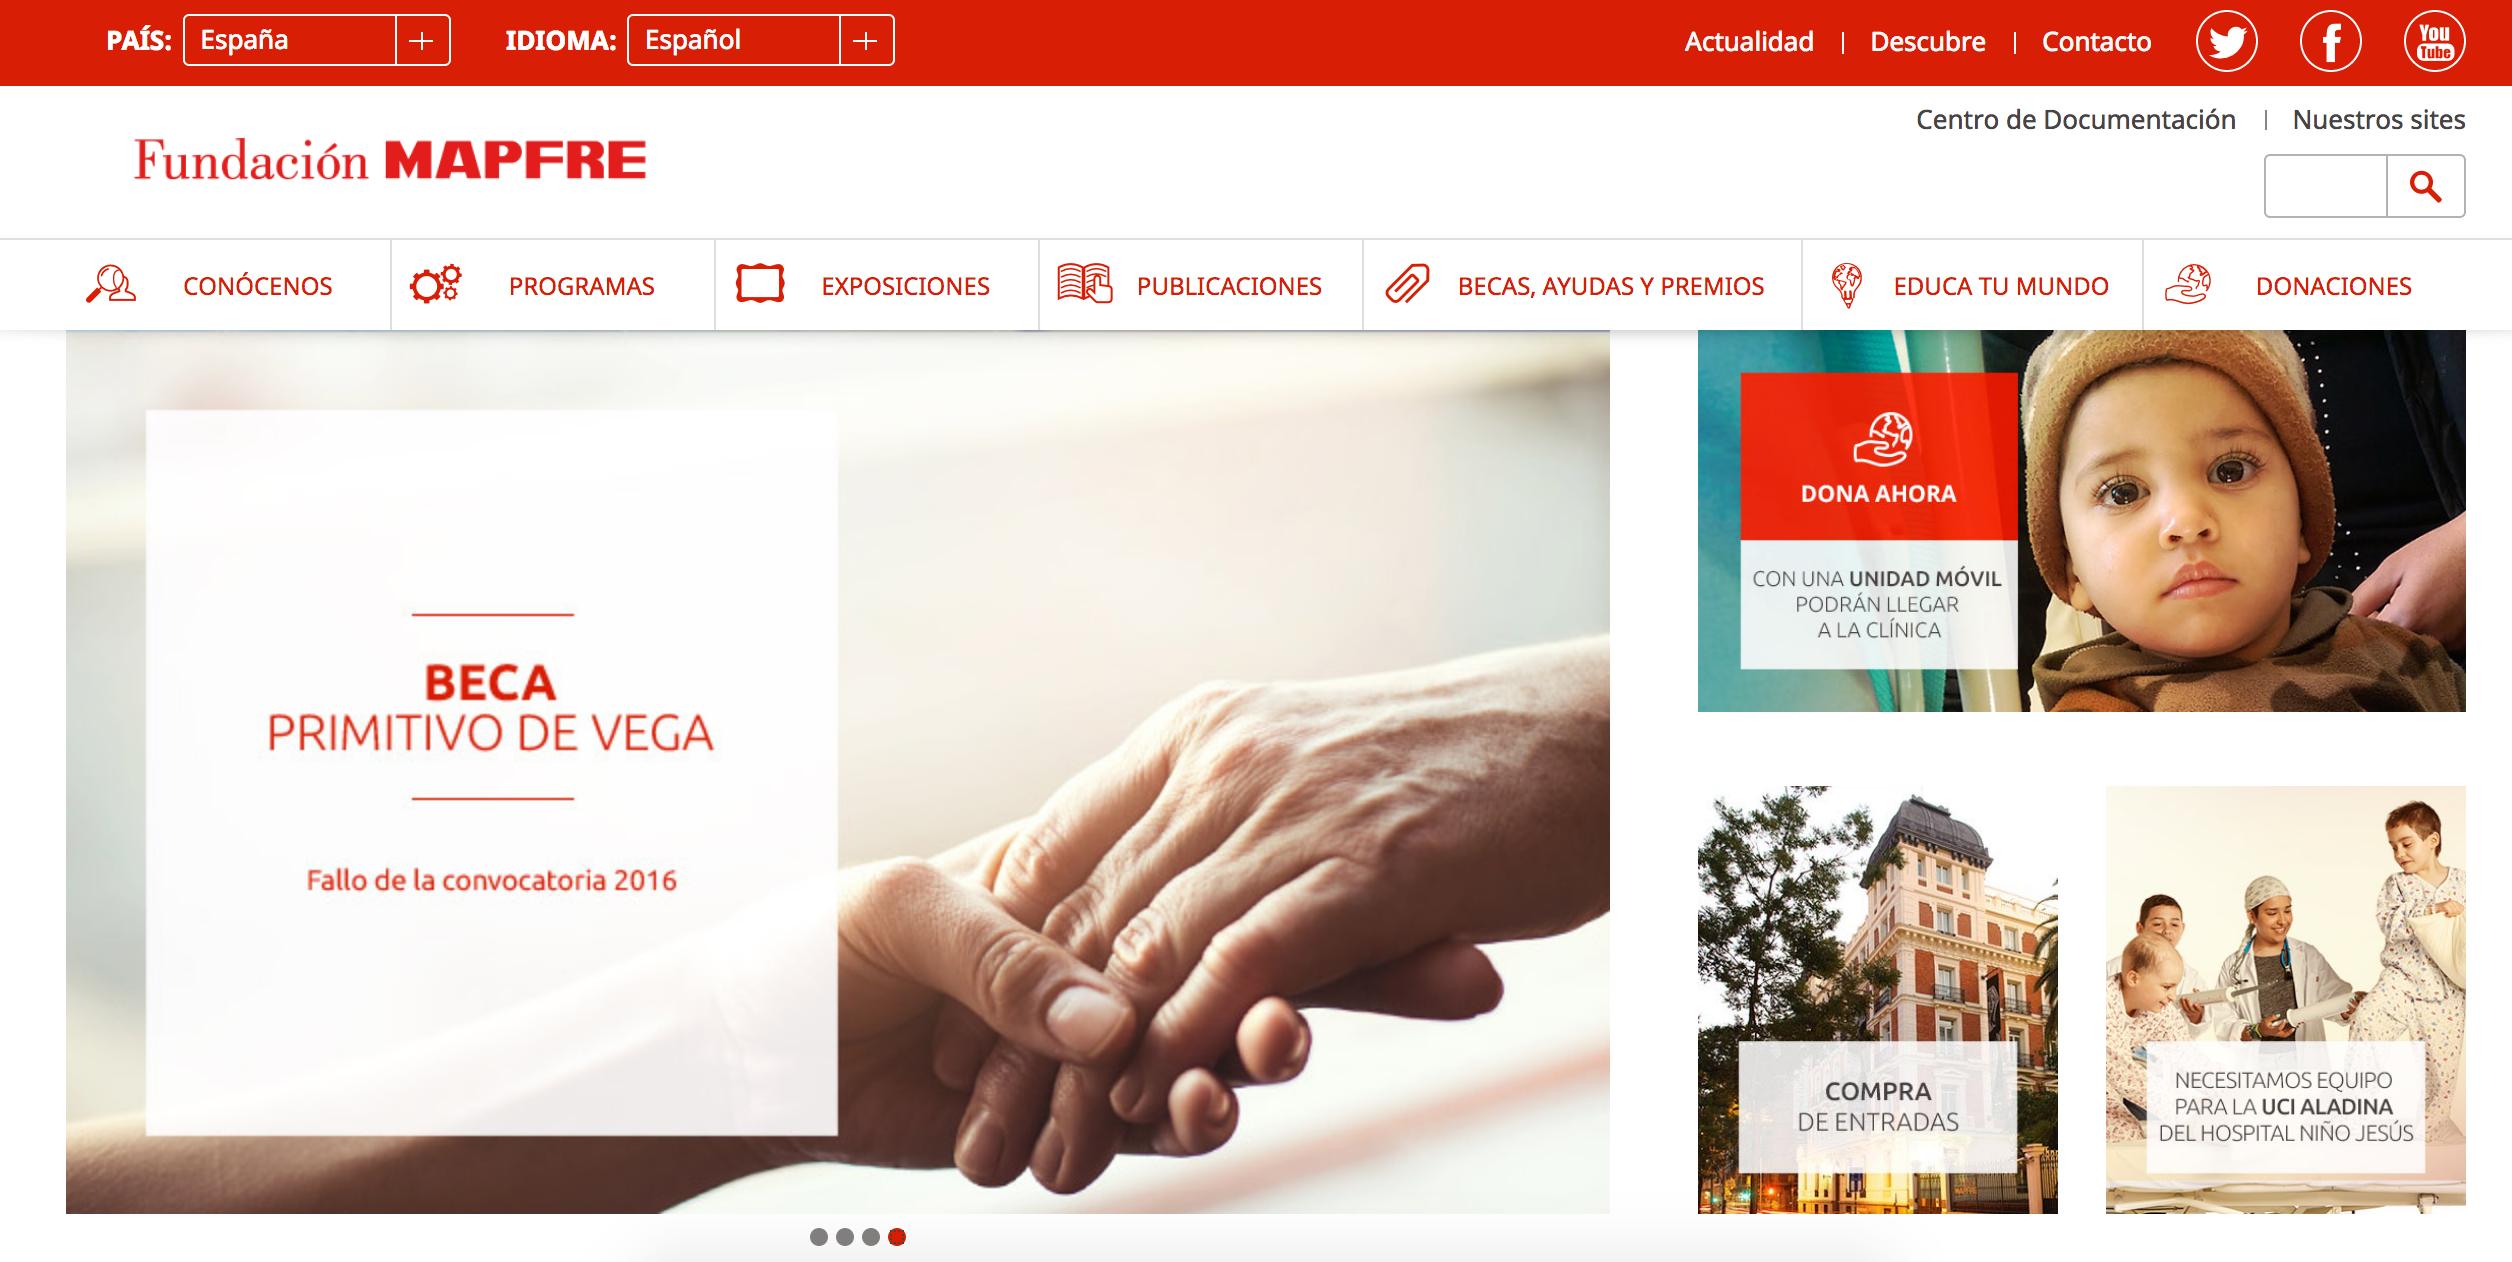 Web de la Fundación Mapfre